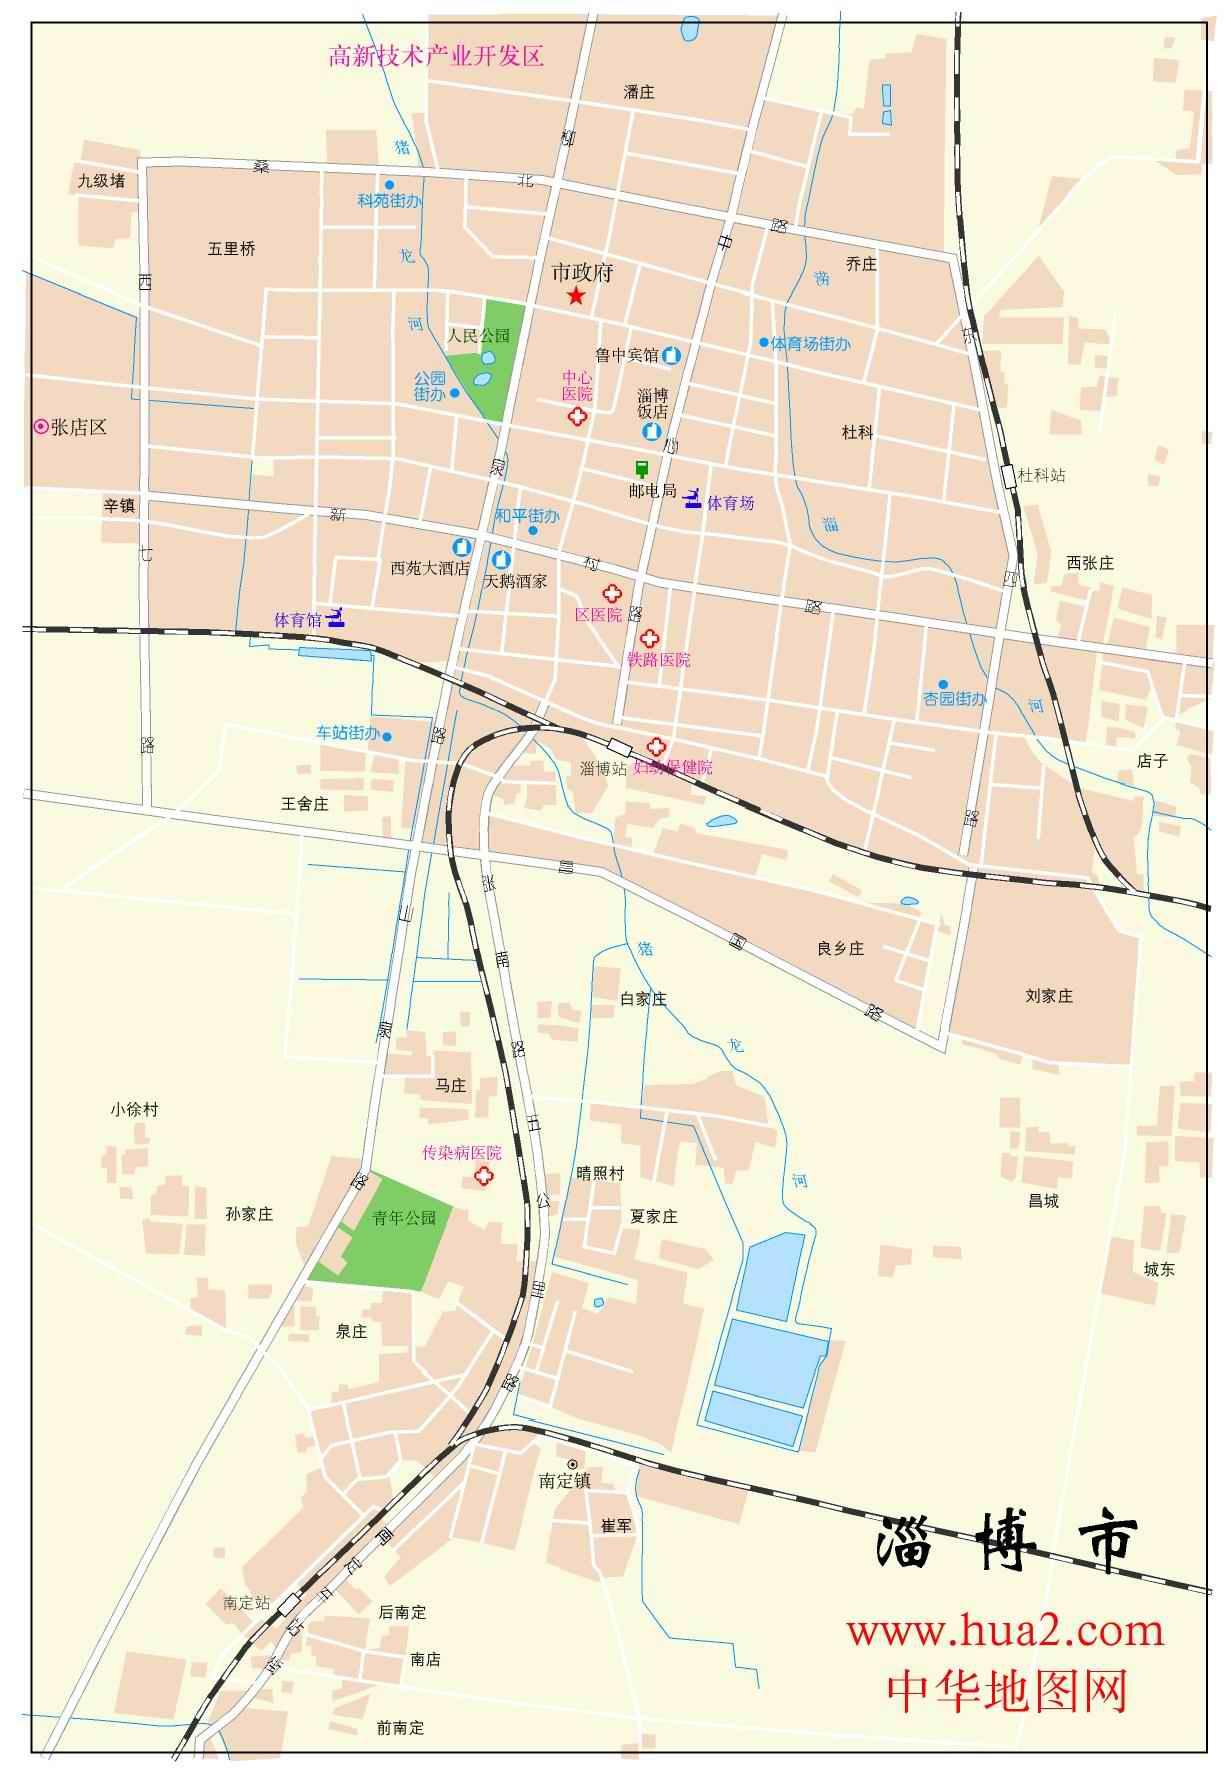 淄博市区地图